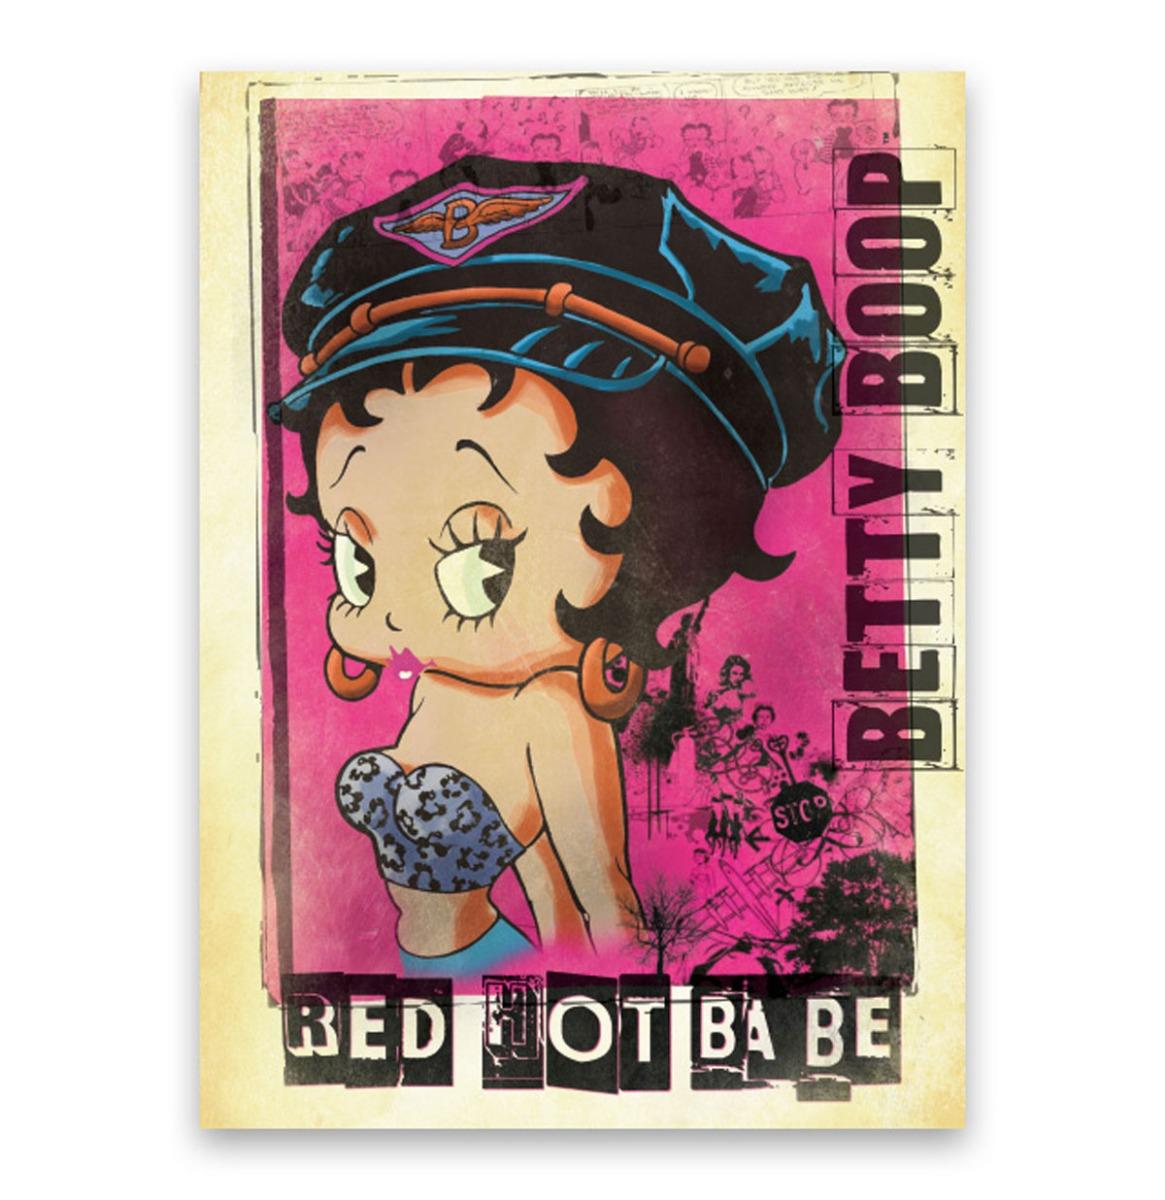 Betty Boop Red Hot Babe - Metalen Bord Met Reliëf - 43 x 31 cm